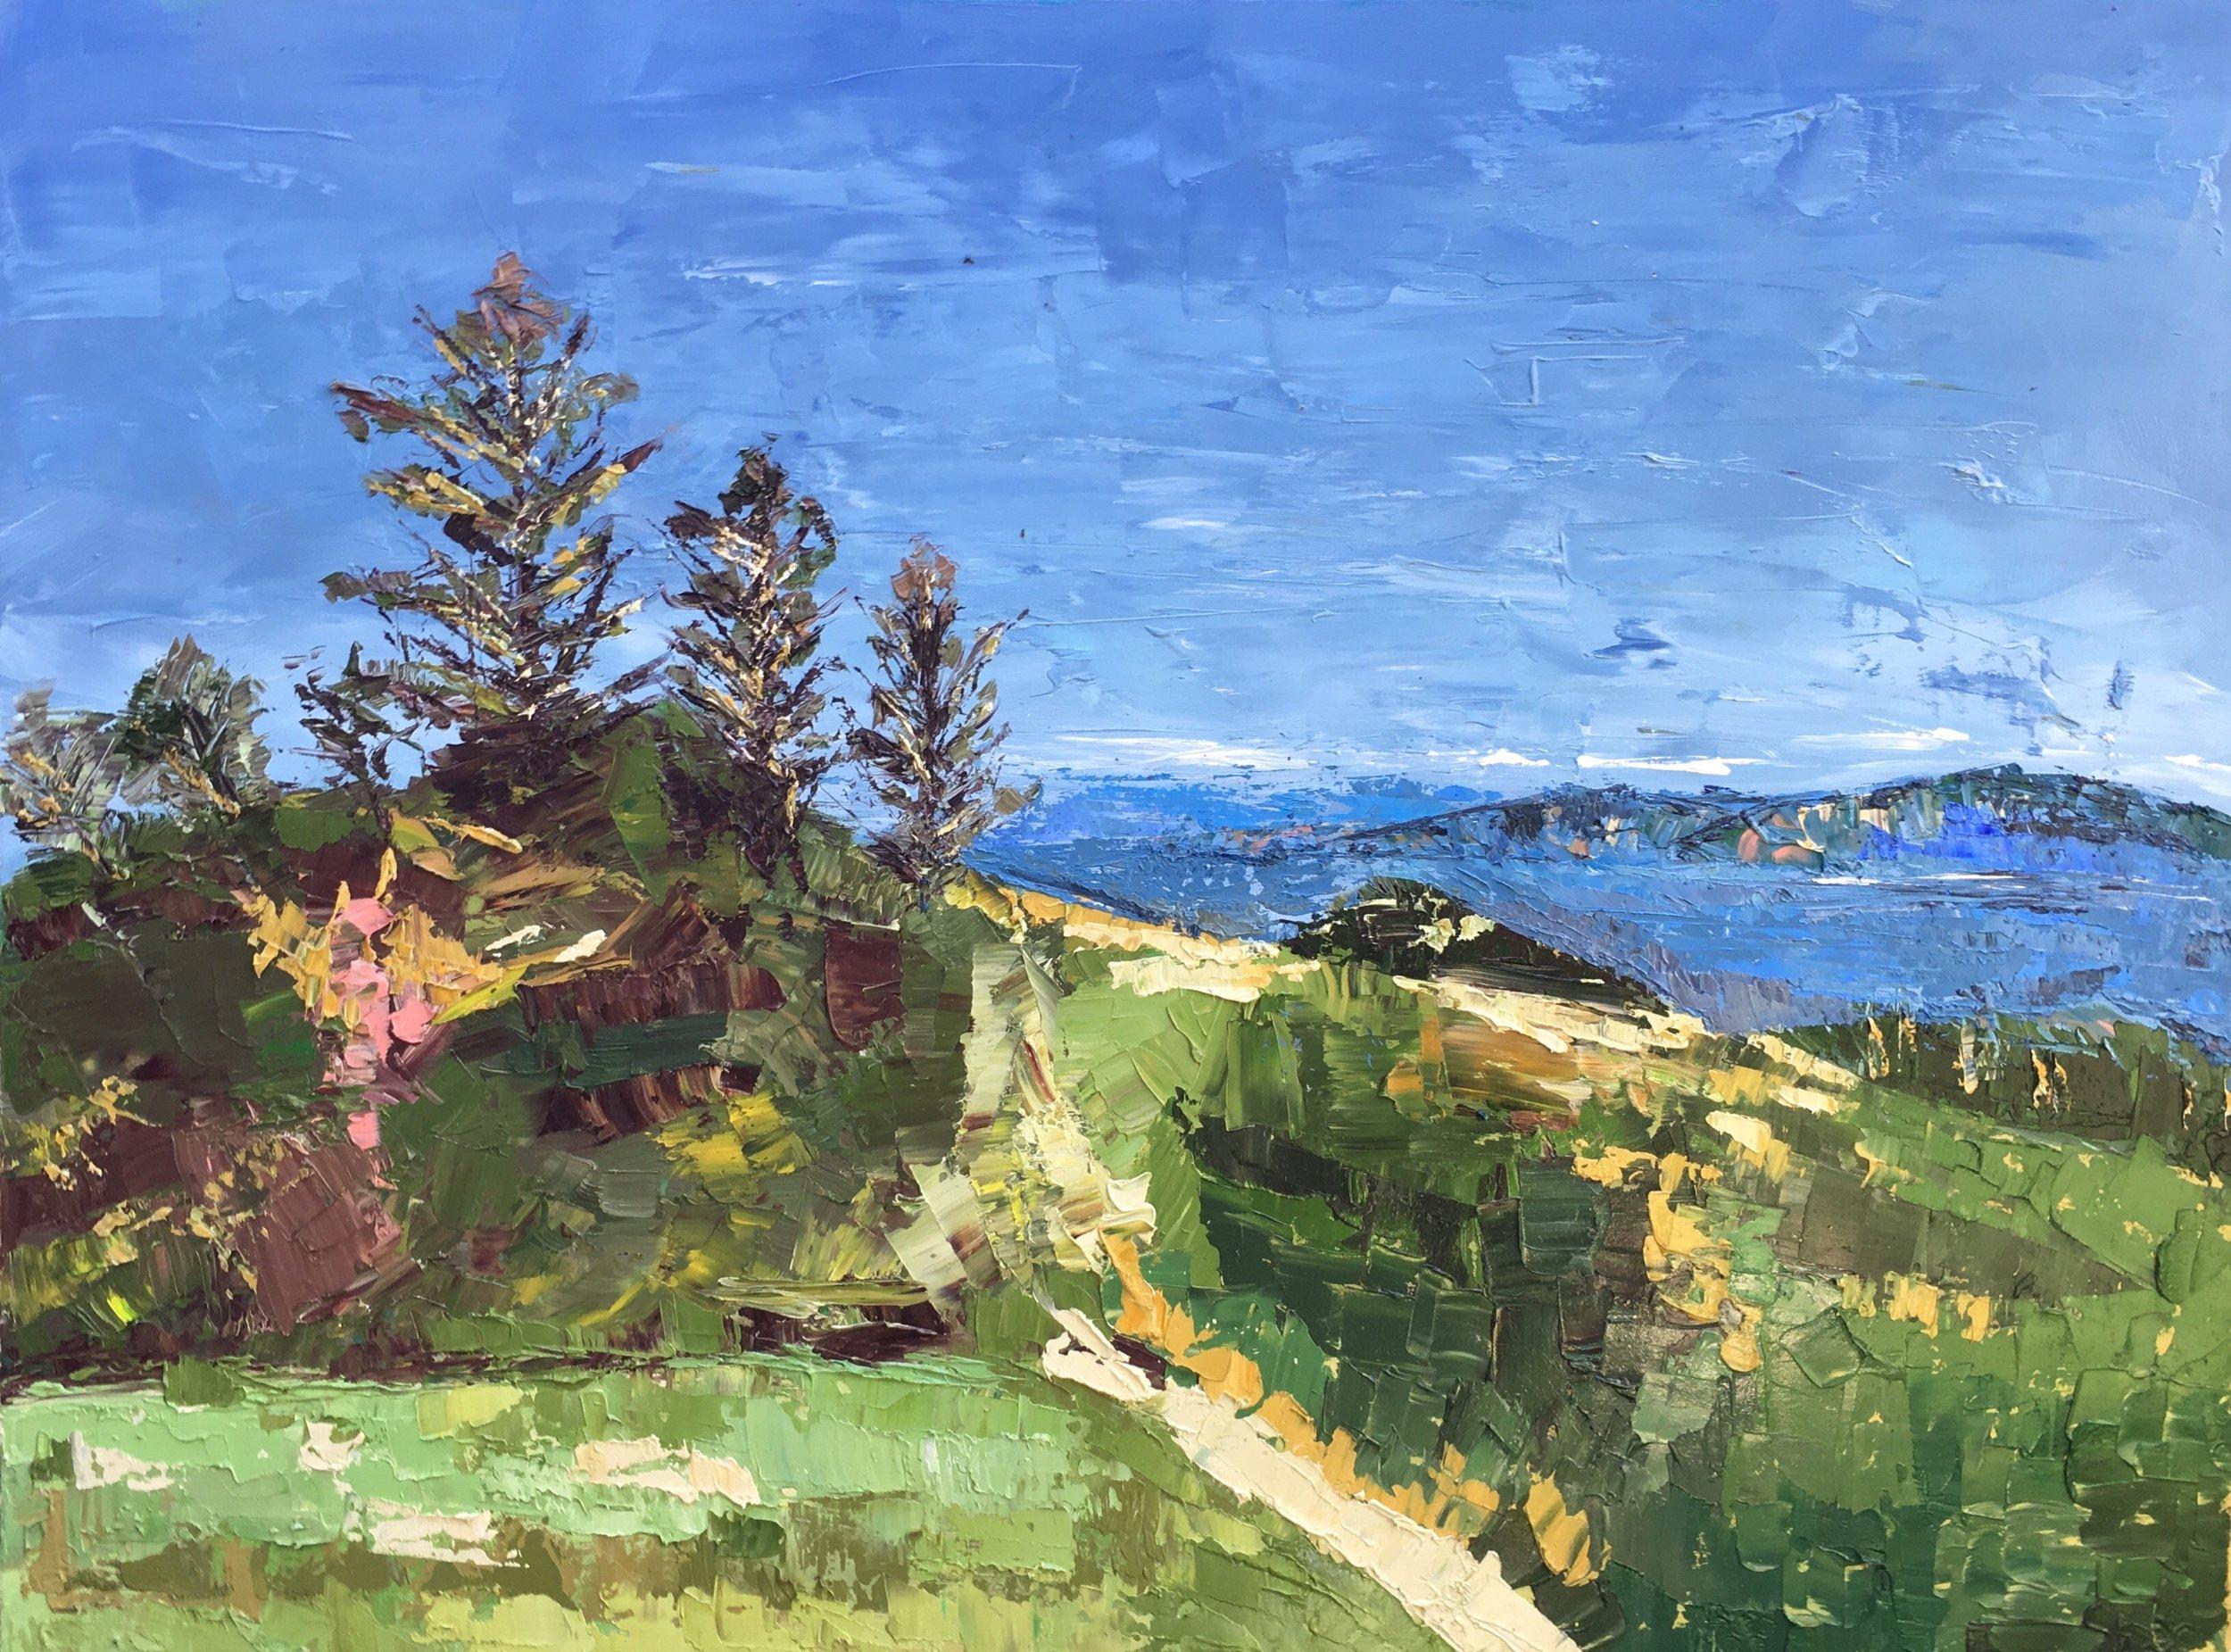 Artwork Title:  Mount Tamalpais  Artist:  FAN LU (Oil on Canvas. 30x40 inch. 2018)